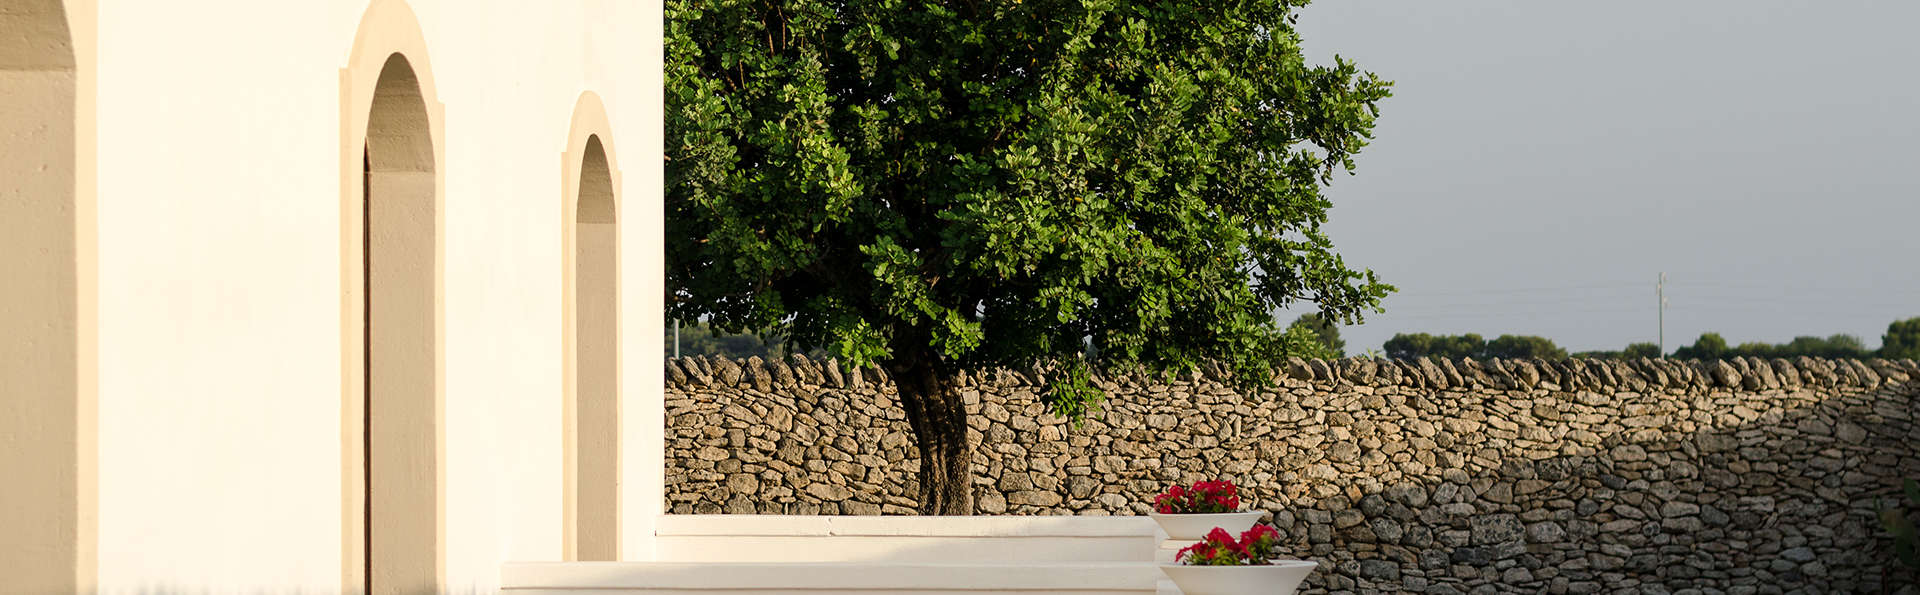 Masseria Bagnara Resort & Spa - Edit_Front2.jpg